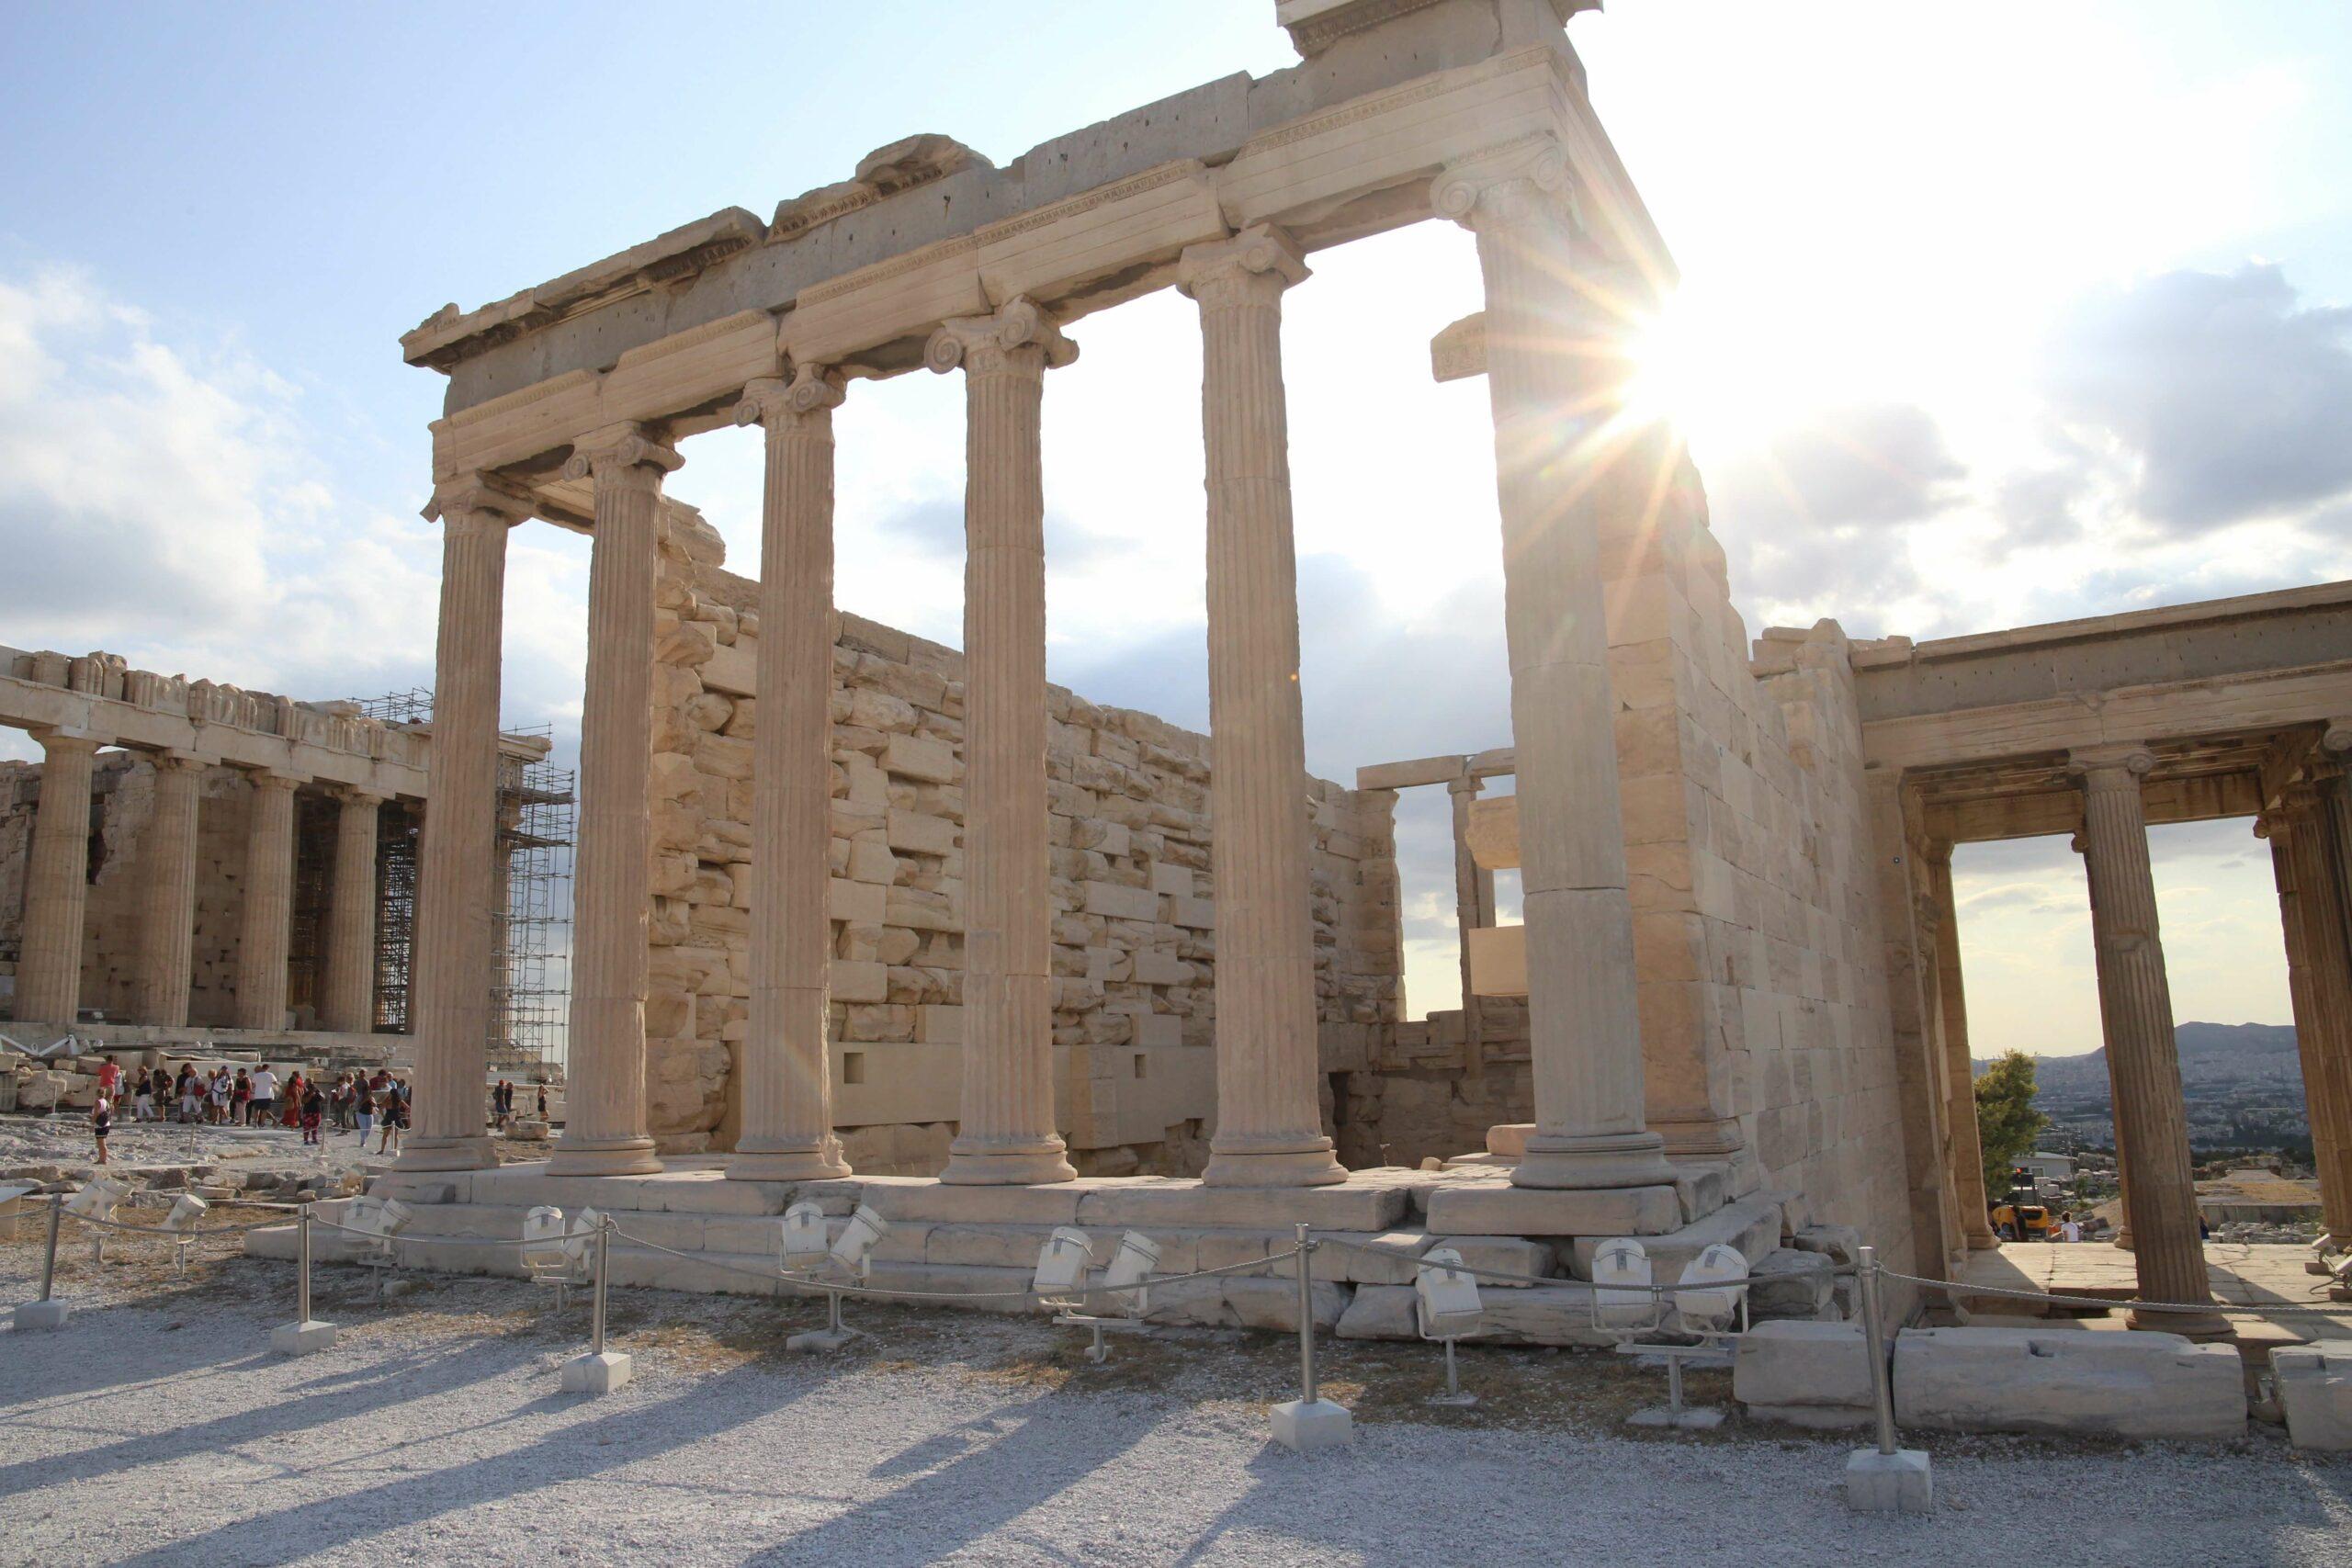 athen-städtetrip-tipps-reisen-griechenland-kurztrip-akropolis-sehenswürdigkeit